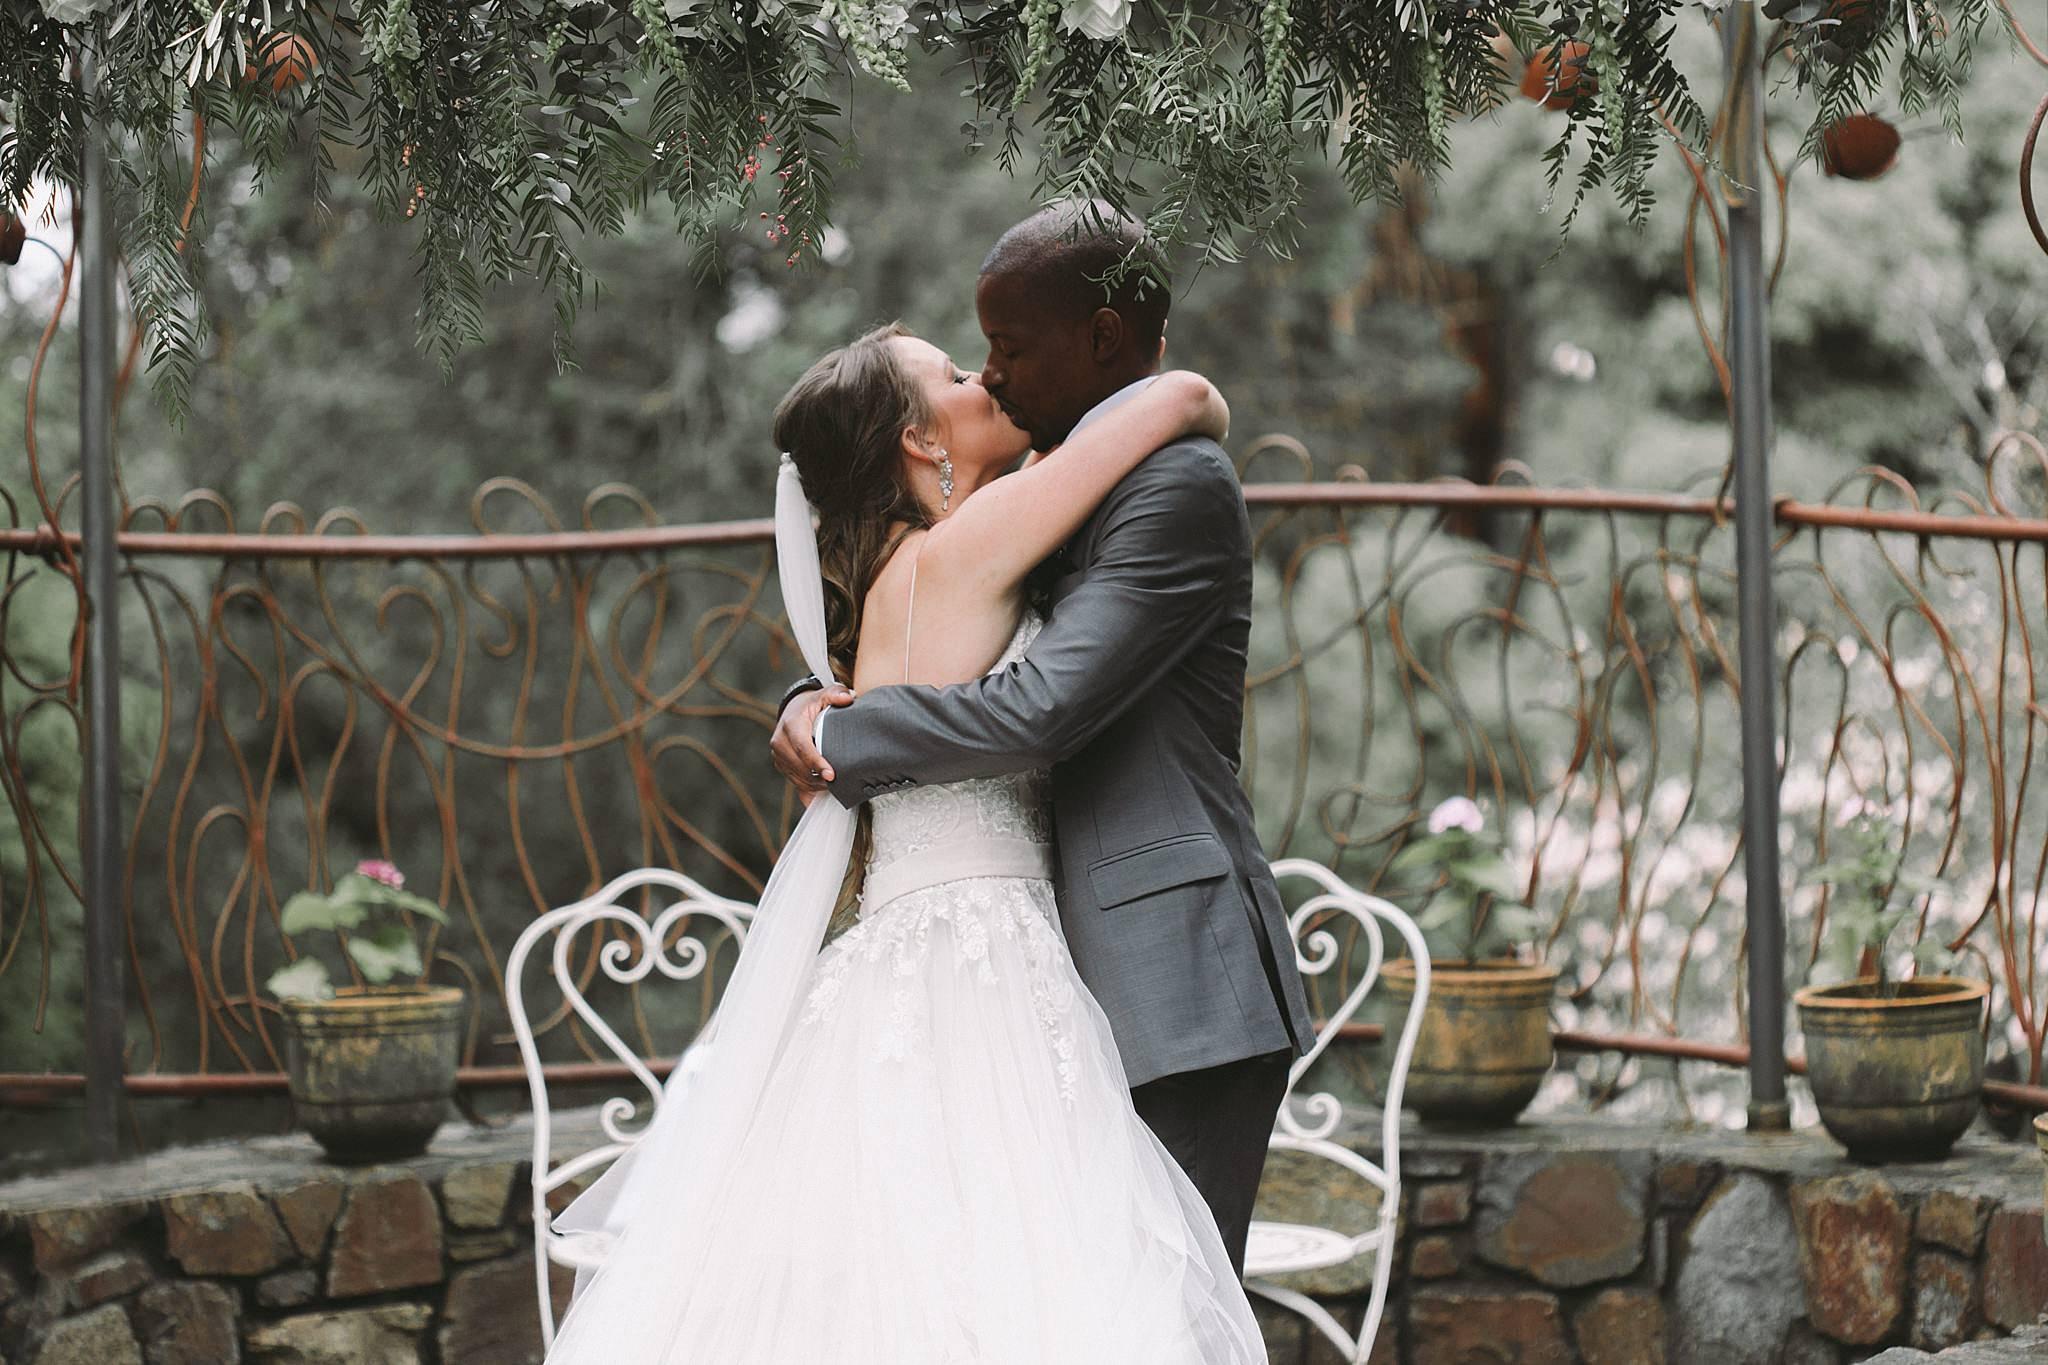 Tatra Dandenong Wedding Photography Natural Candid (58).JPG